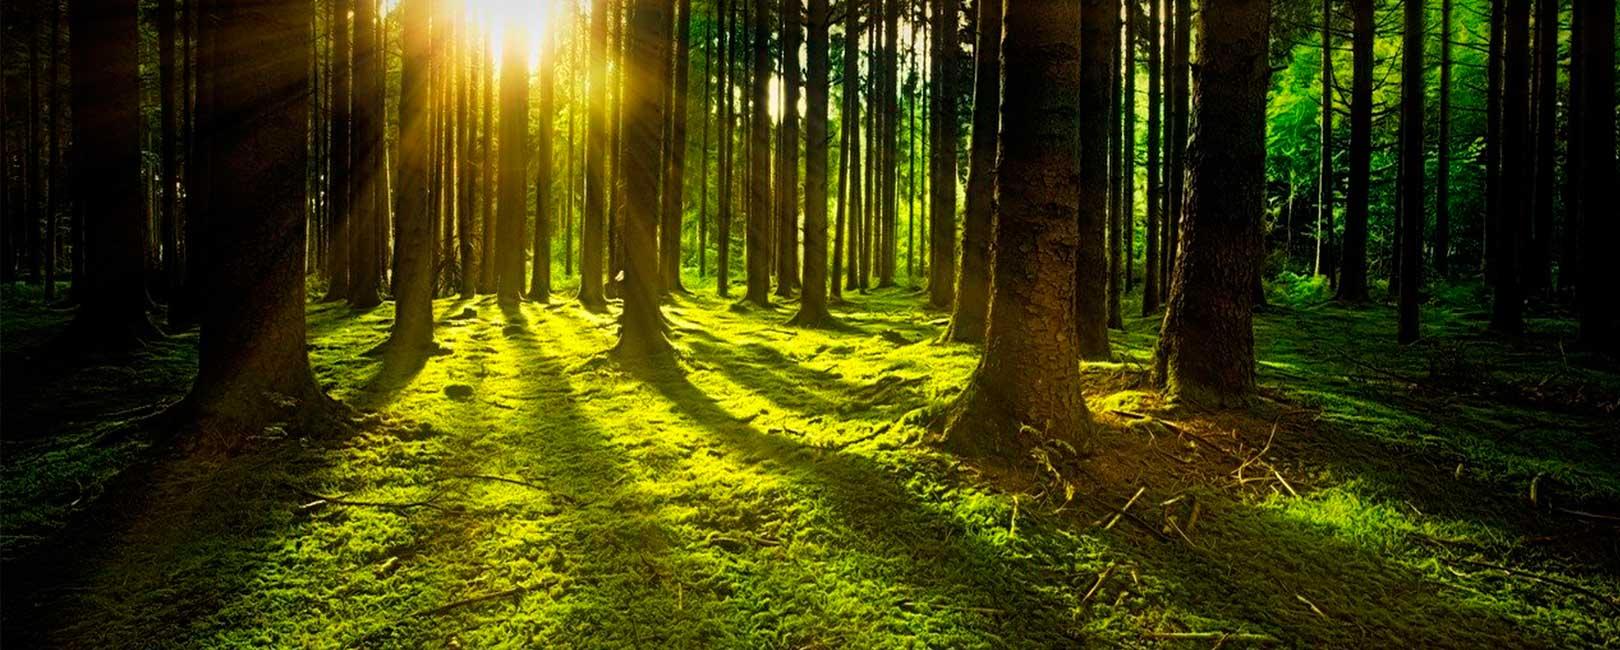 Ver más allá. Cómo ganar una perspectiva externa que nos permita ver el bosque